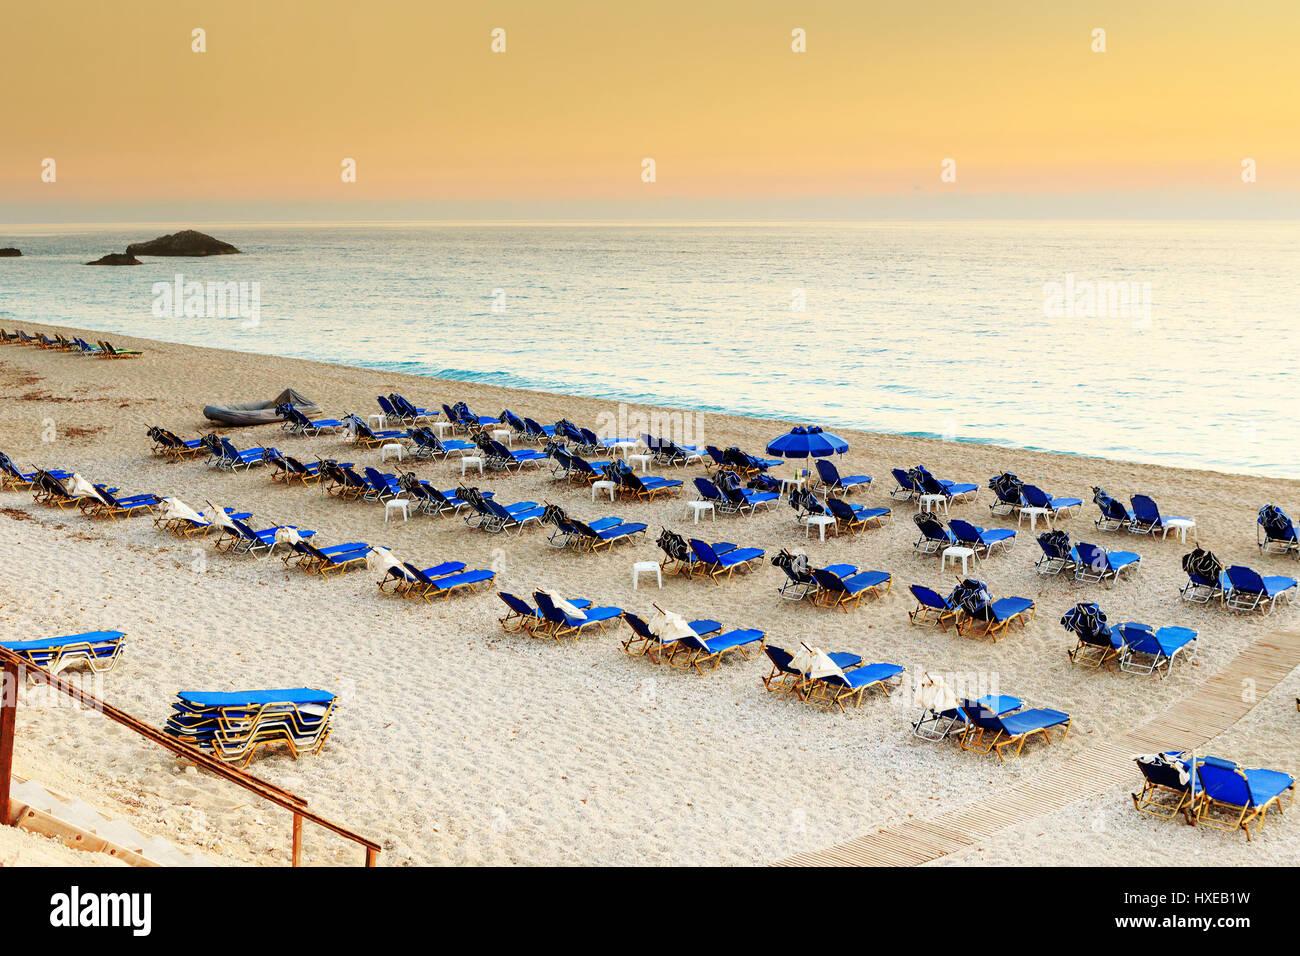 Liegen und Sonnenschirme am Strandresort in Griechenland, bei Sonnenuntergang Stockbild